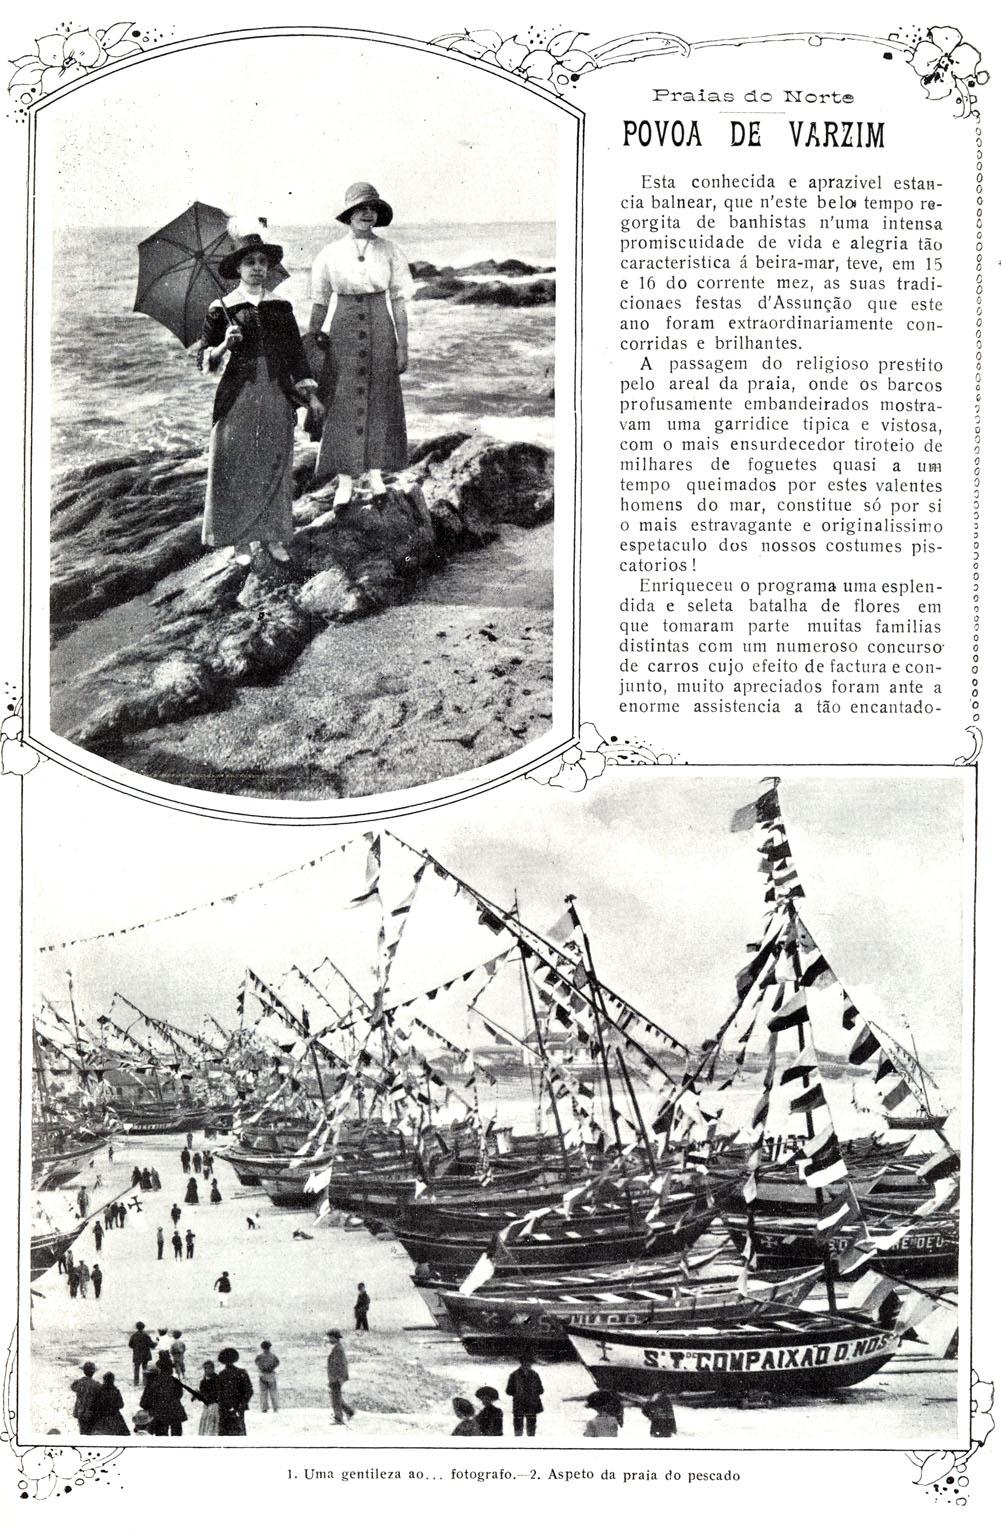 Festas de Nossa Senhora da Assunção, Póvoa de Varzim; Ilustração Portuguesa, Agosto de 1915